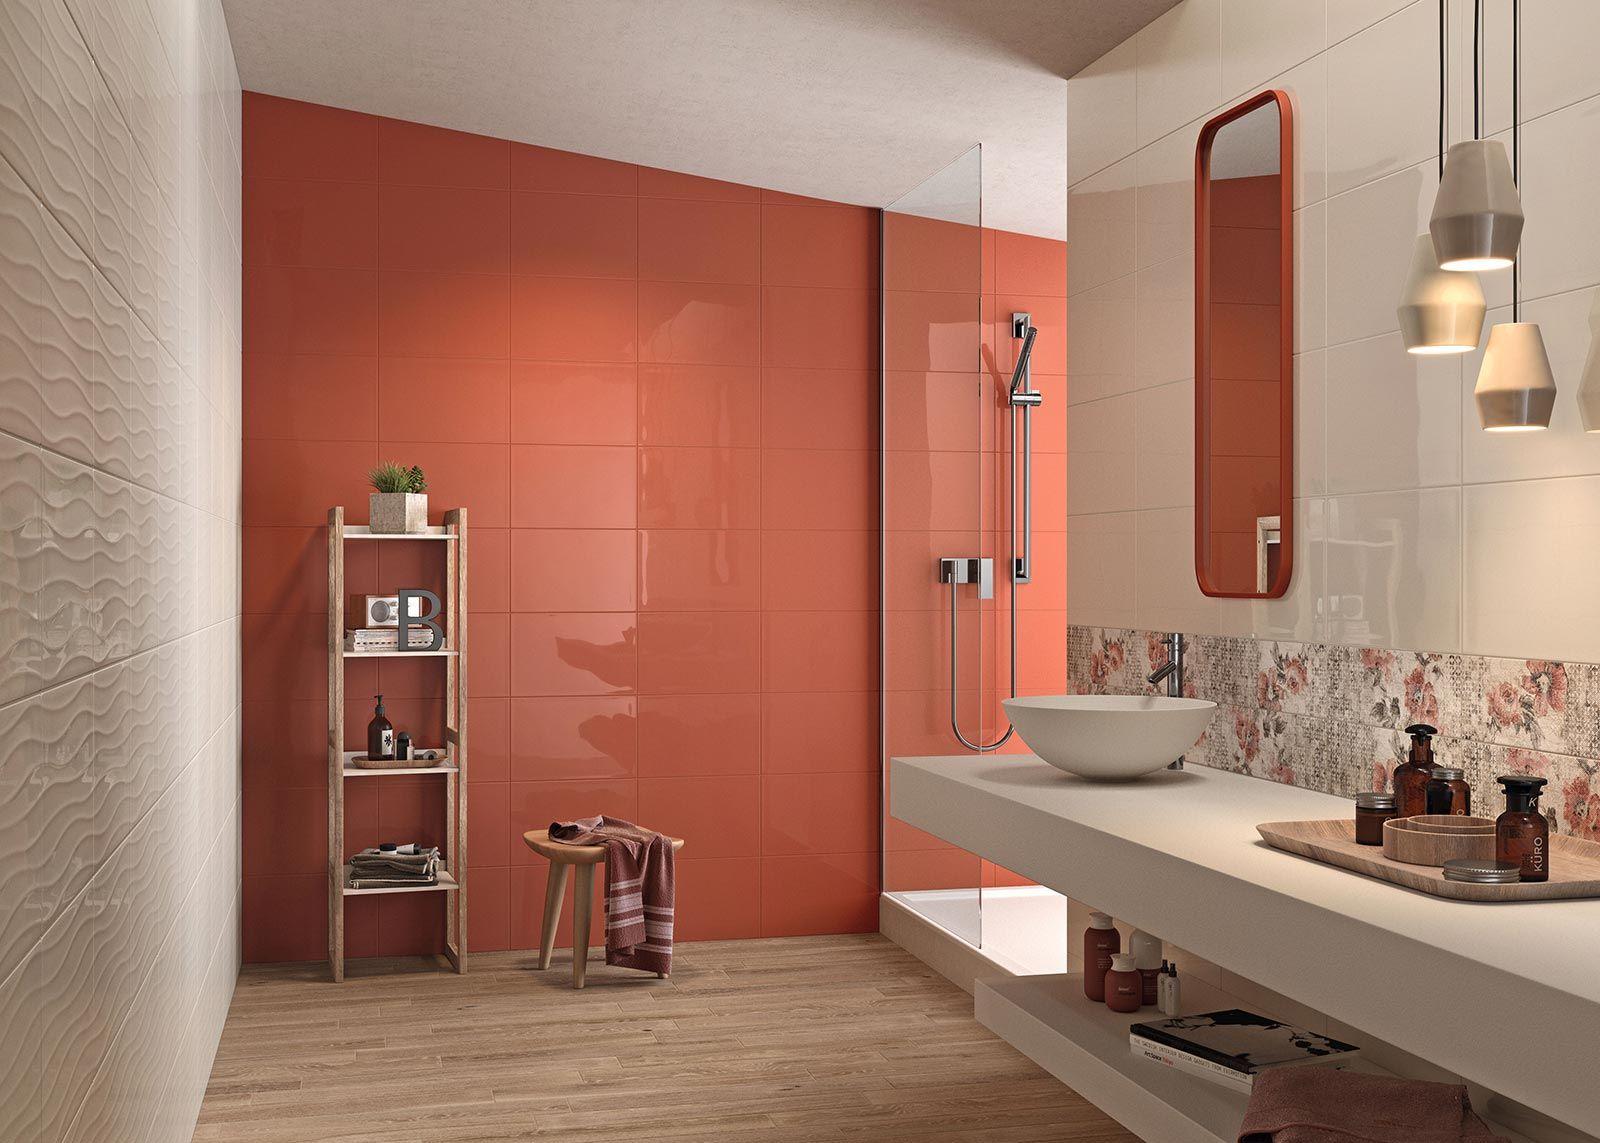 azulejos para el cuarto de baño: cerámica y porcelánico - marazzi